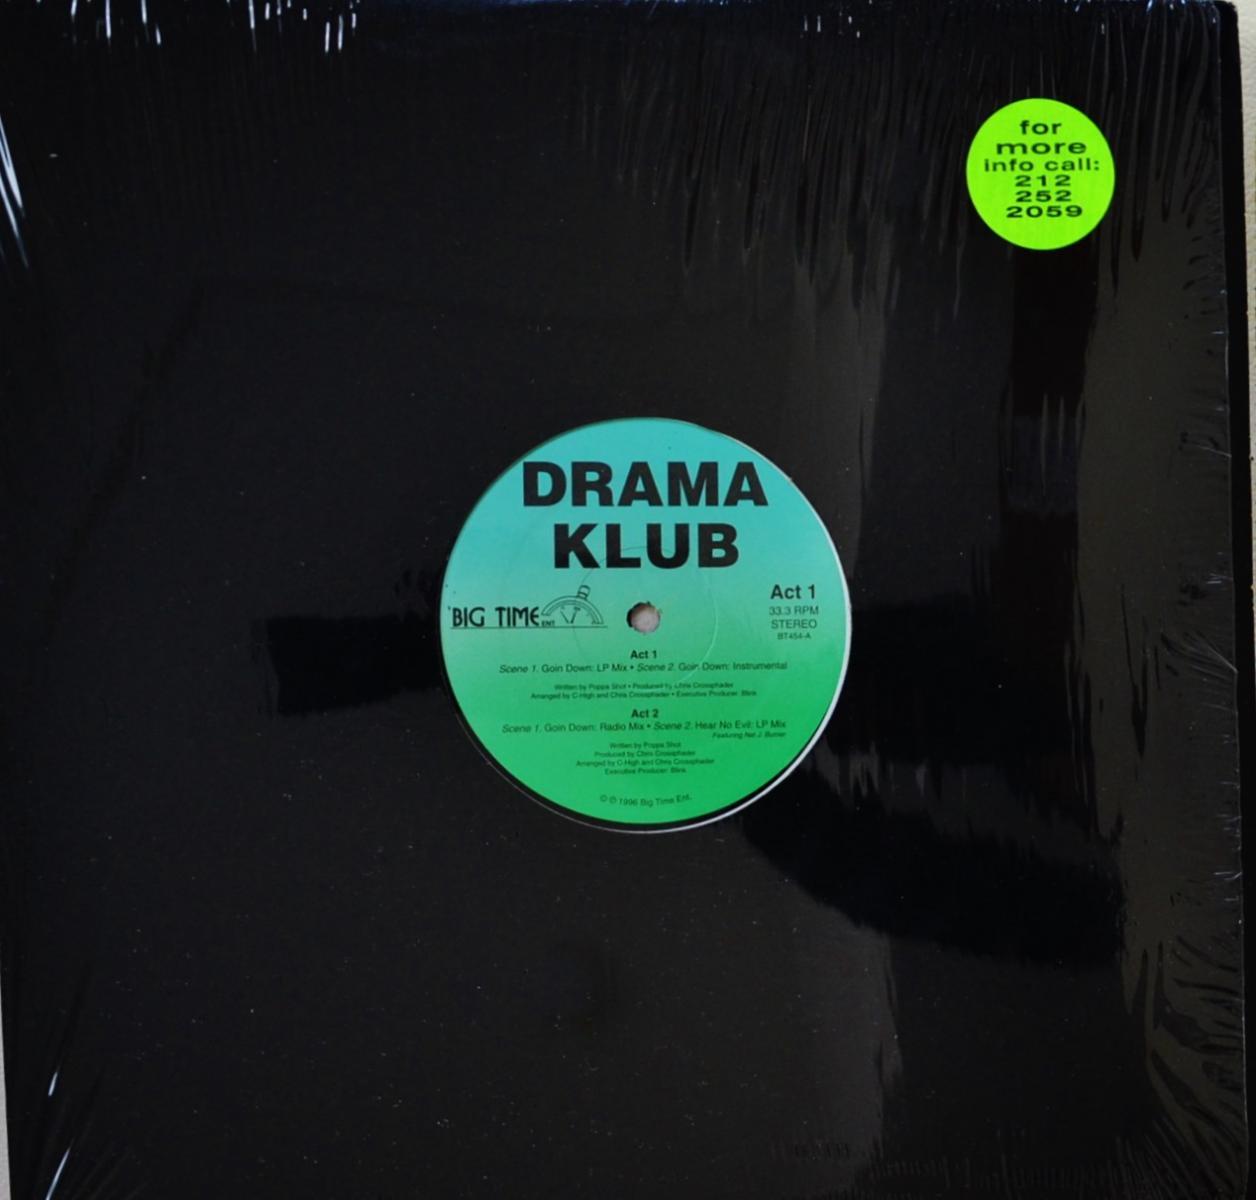 DRAMA KLUB / GOIN' DOWN / HEAR NO EVIL (12